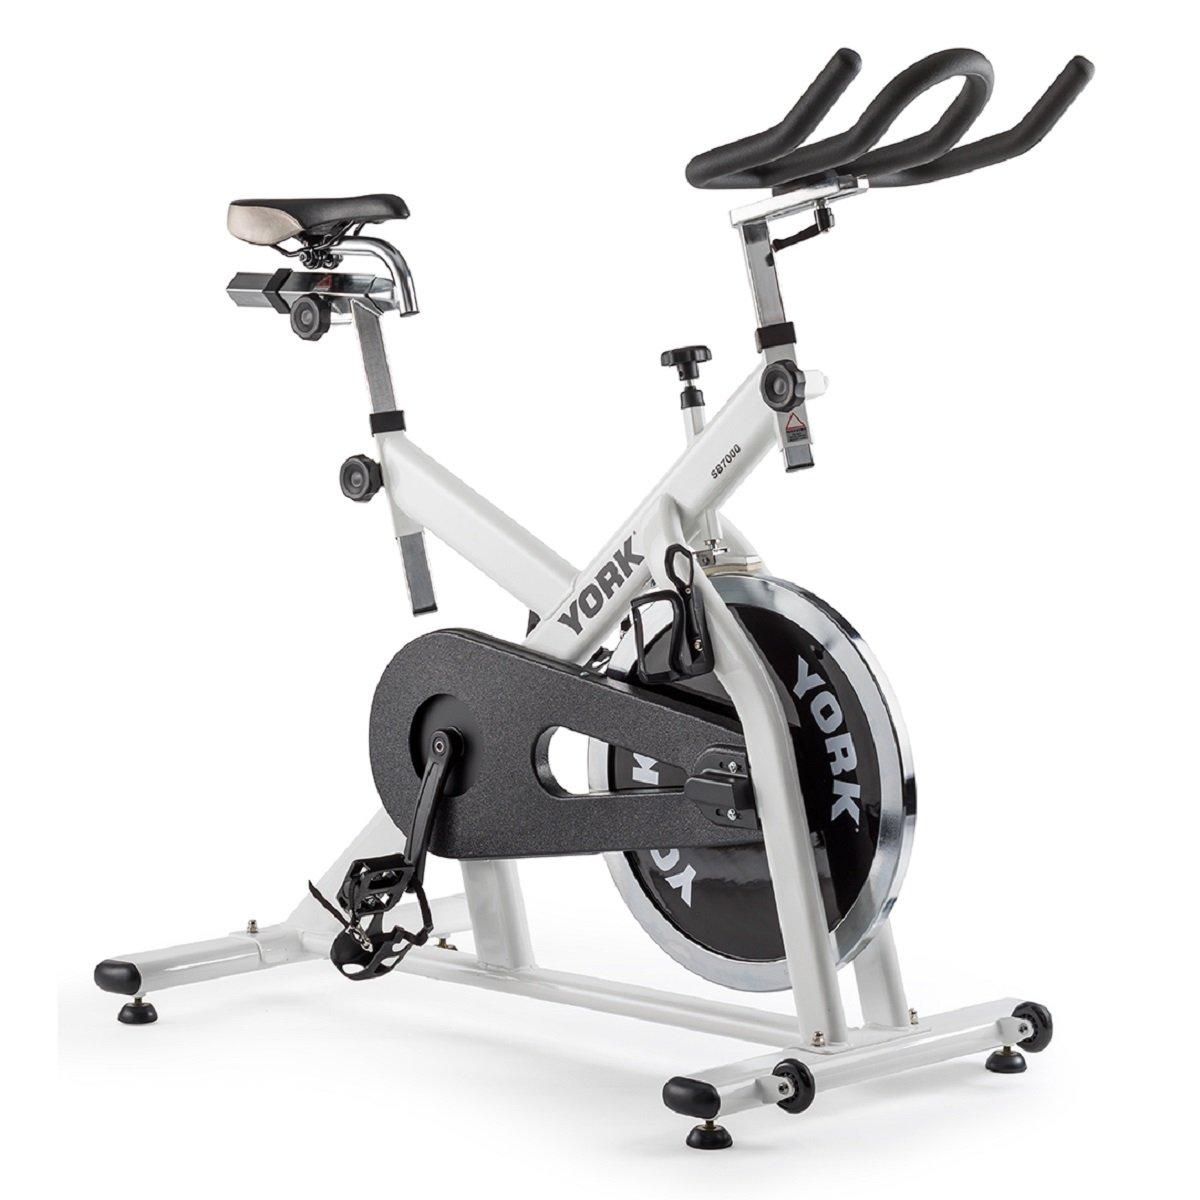 York SB7000 Indoor Cycle